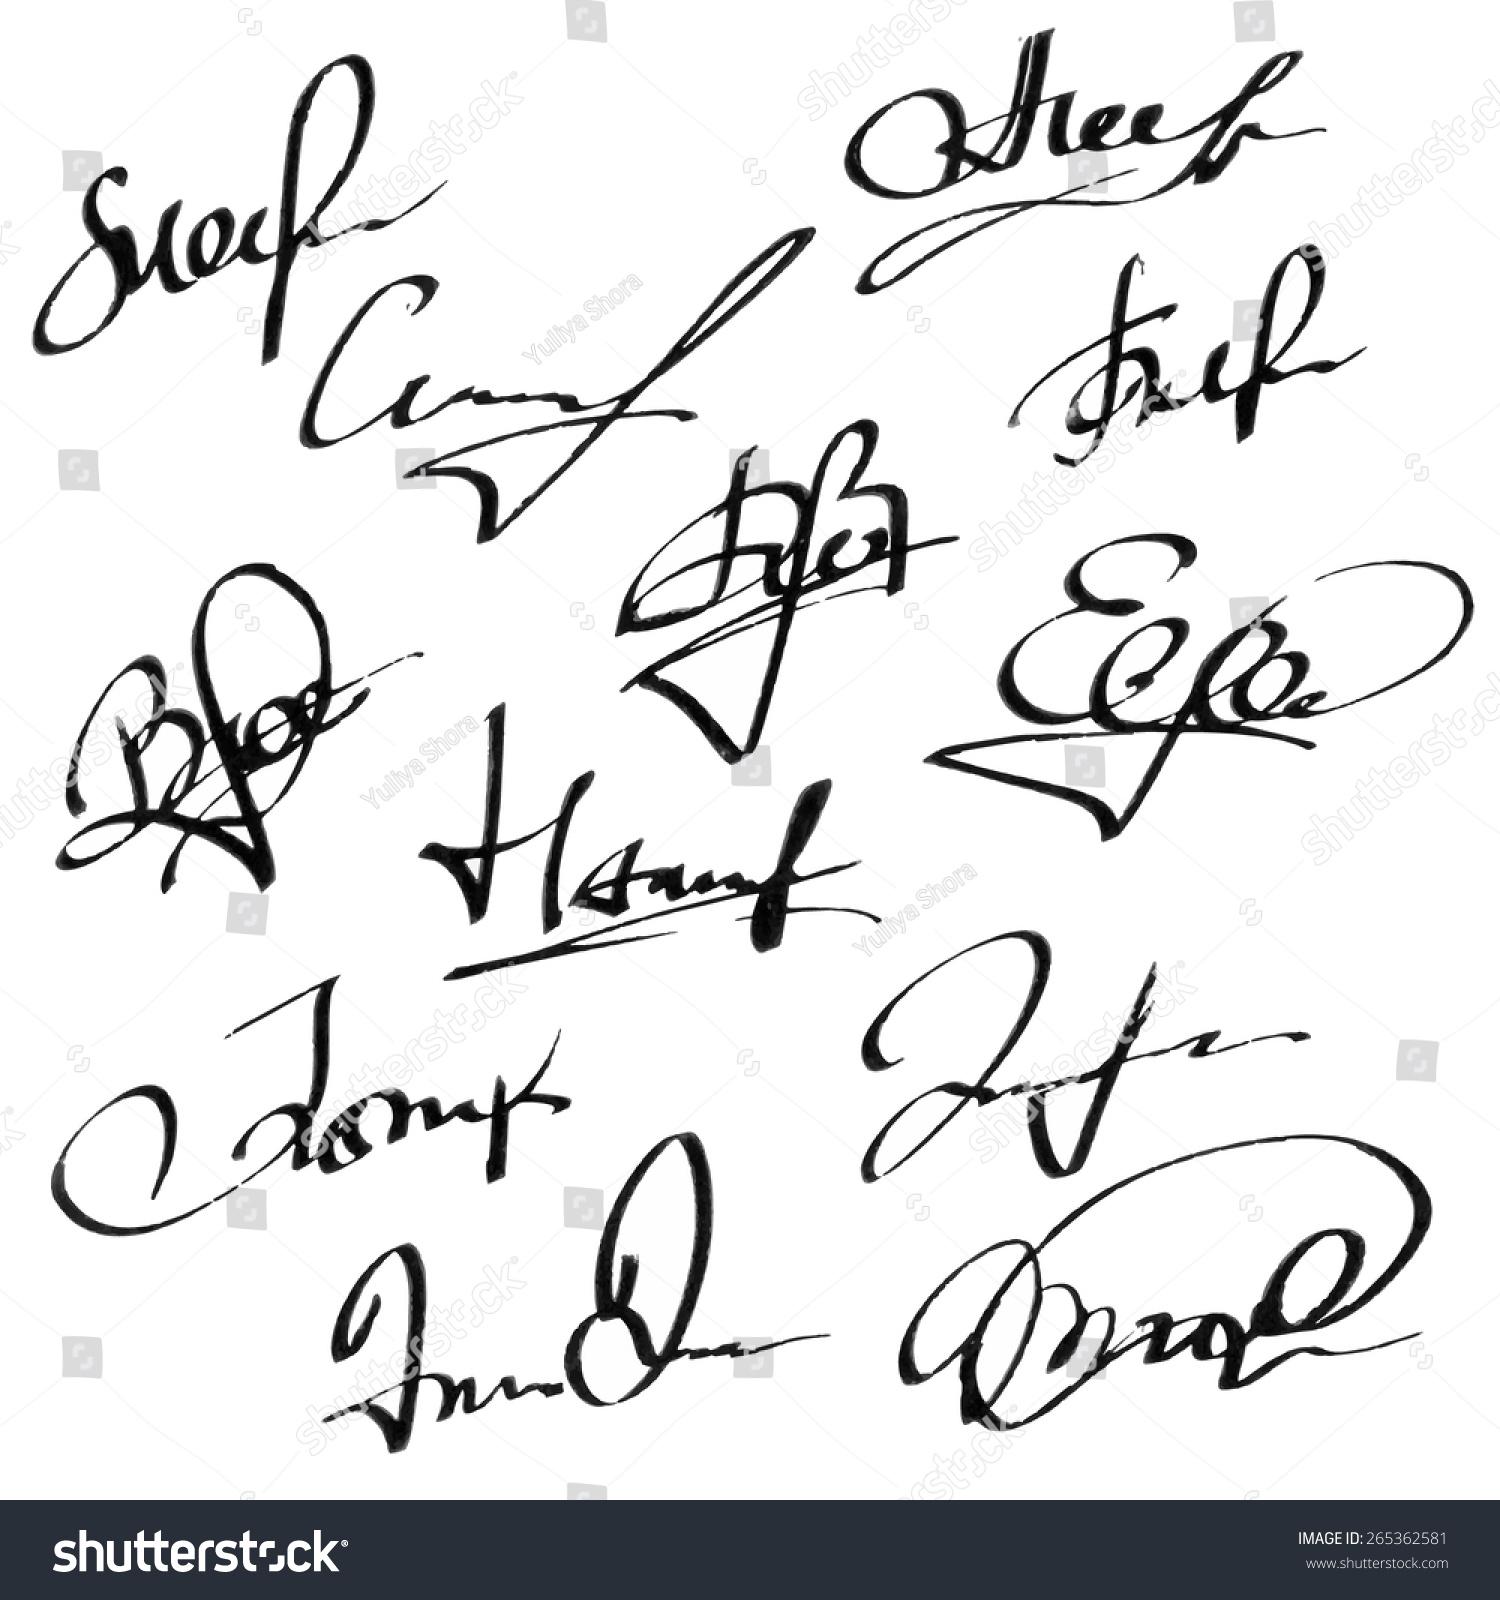 Hand Written Watercolor Ink Pen Calligraphy Stock Vector 265362581 ...